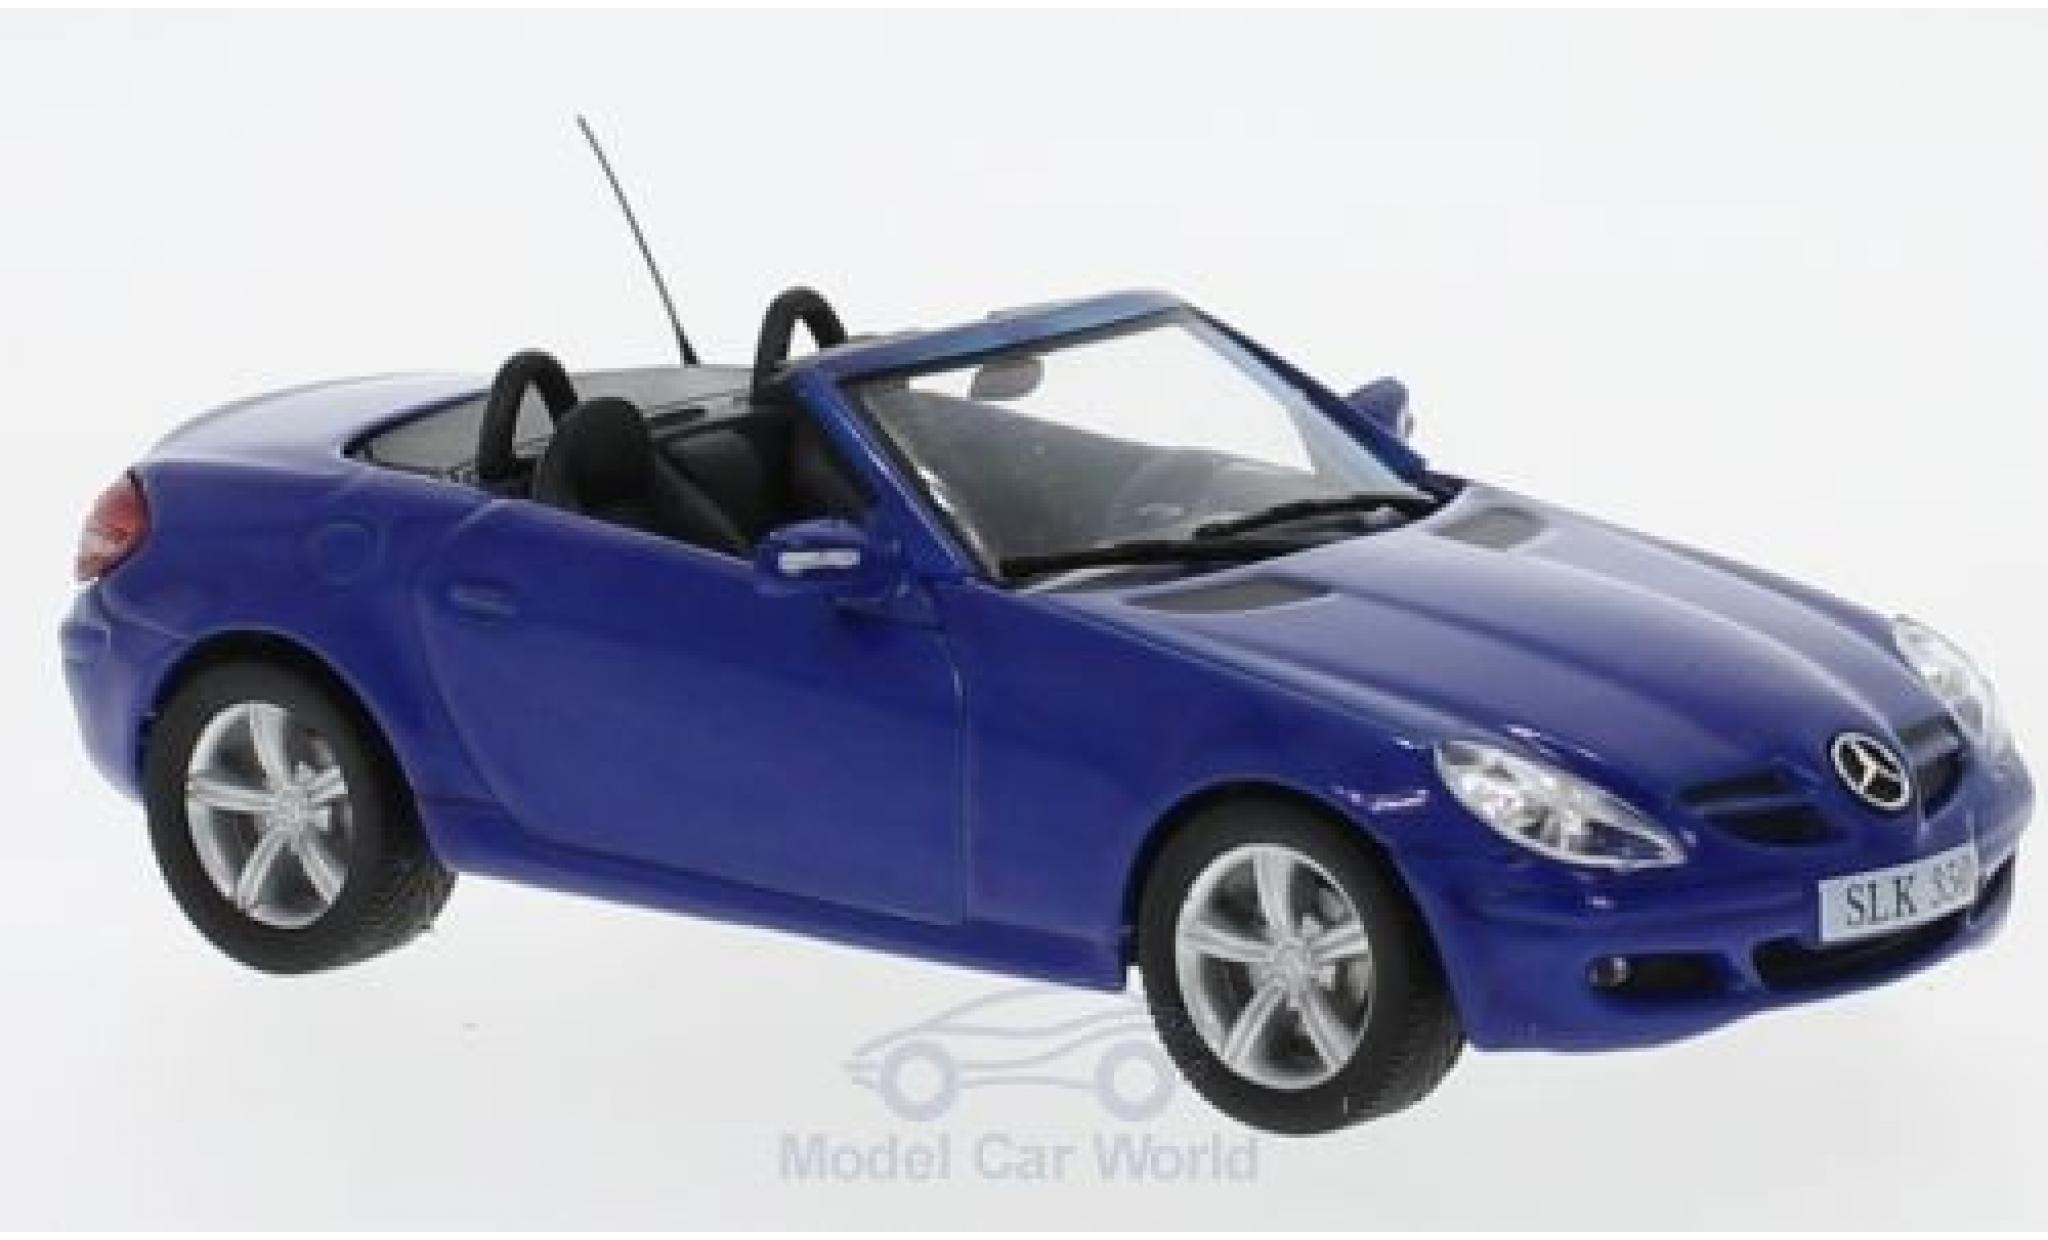 Mercedes Classe SLK 1/43 SpecialC 16 SLK 350 (R171) bleue 2004 ohne Vitrine